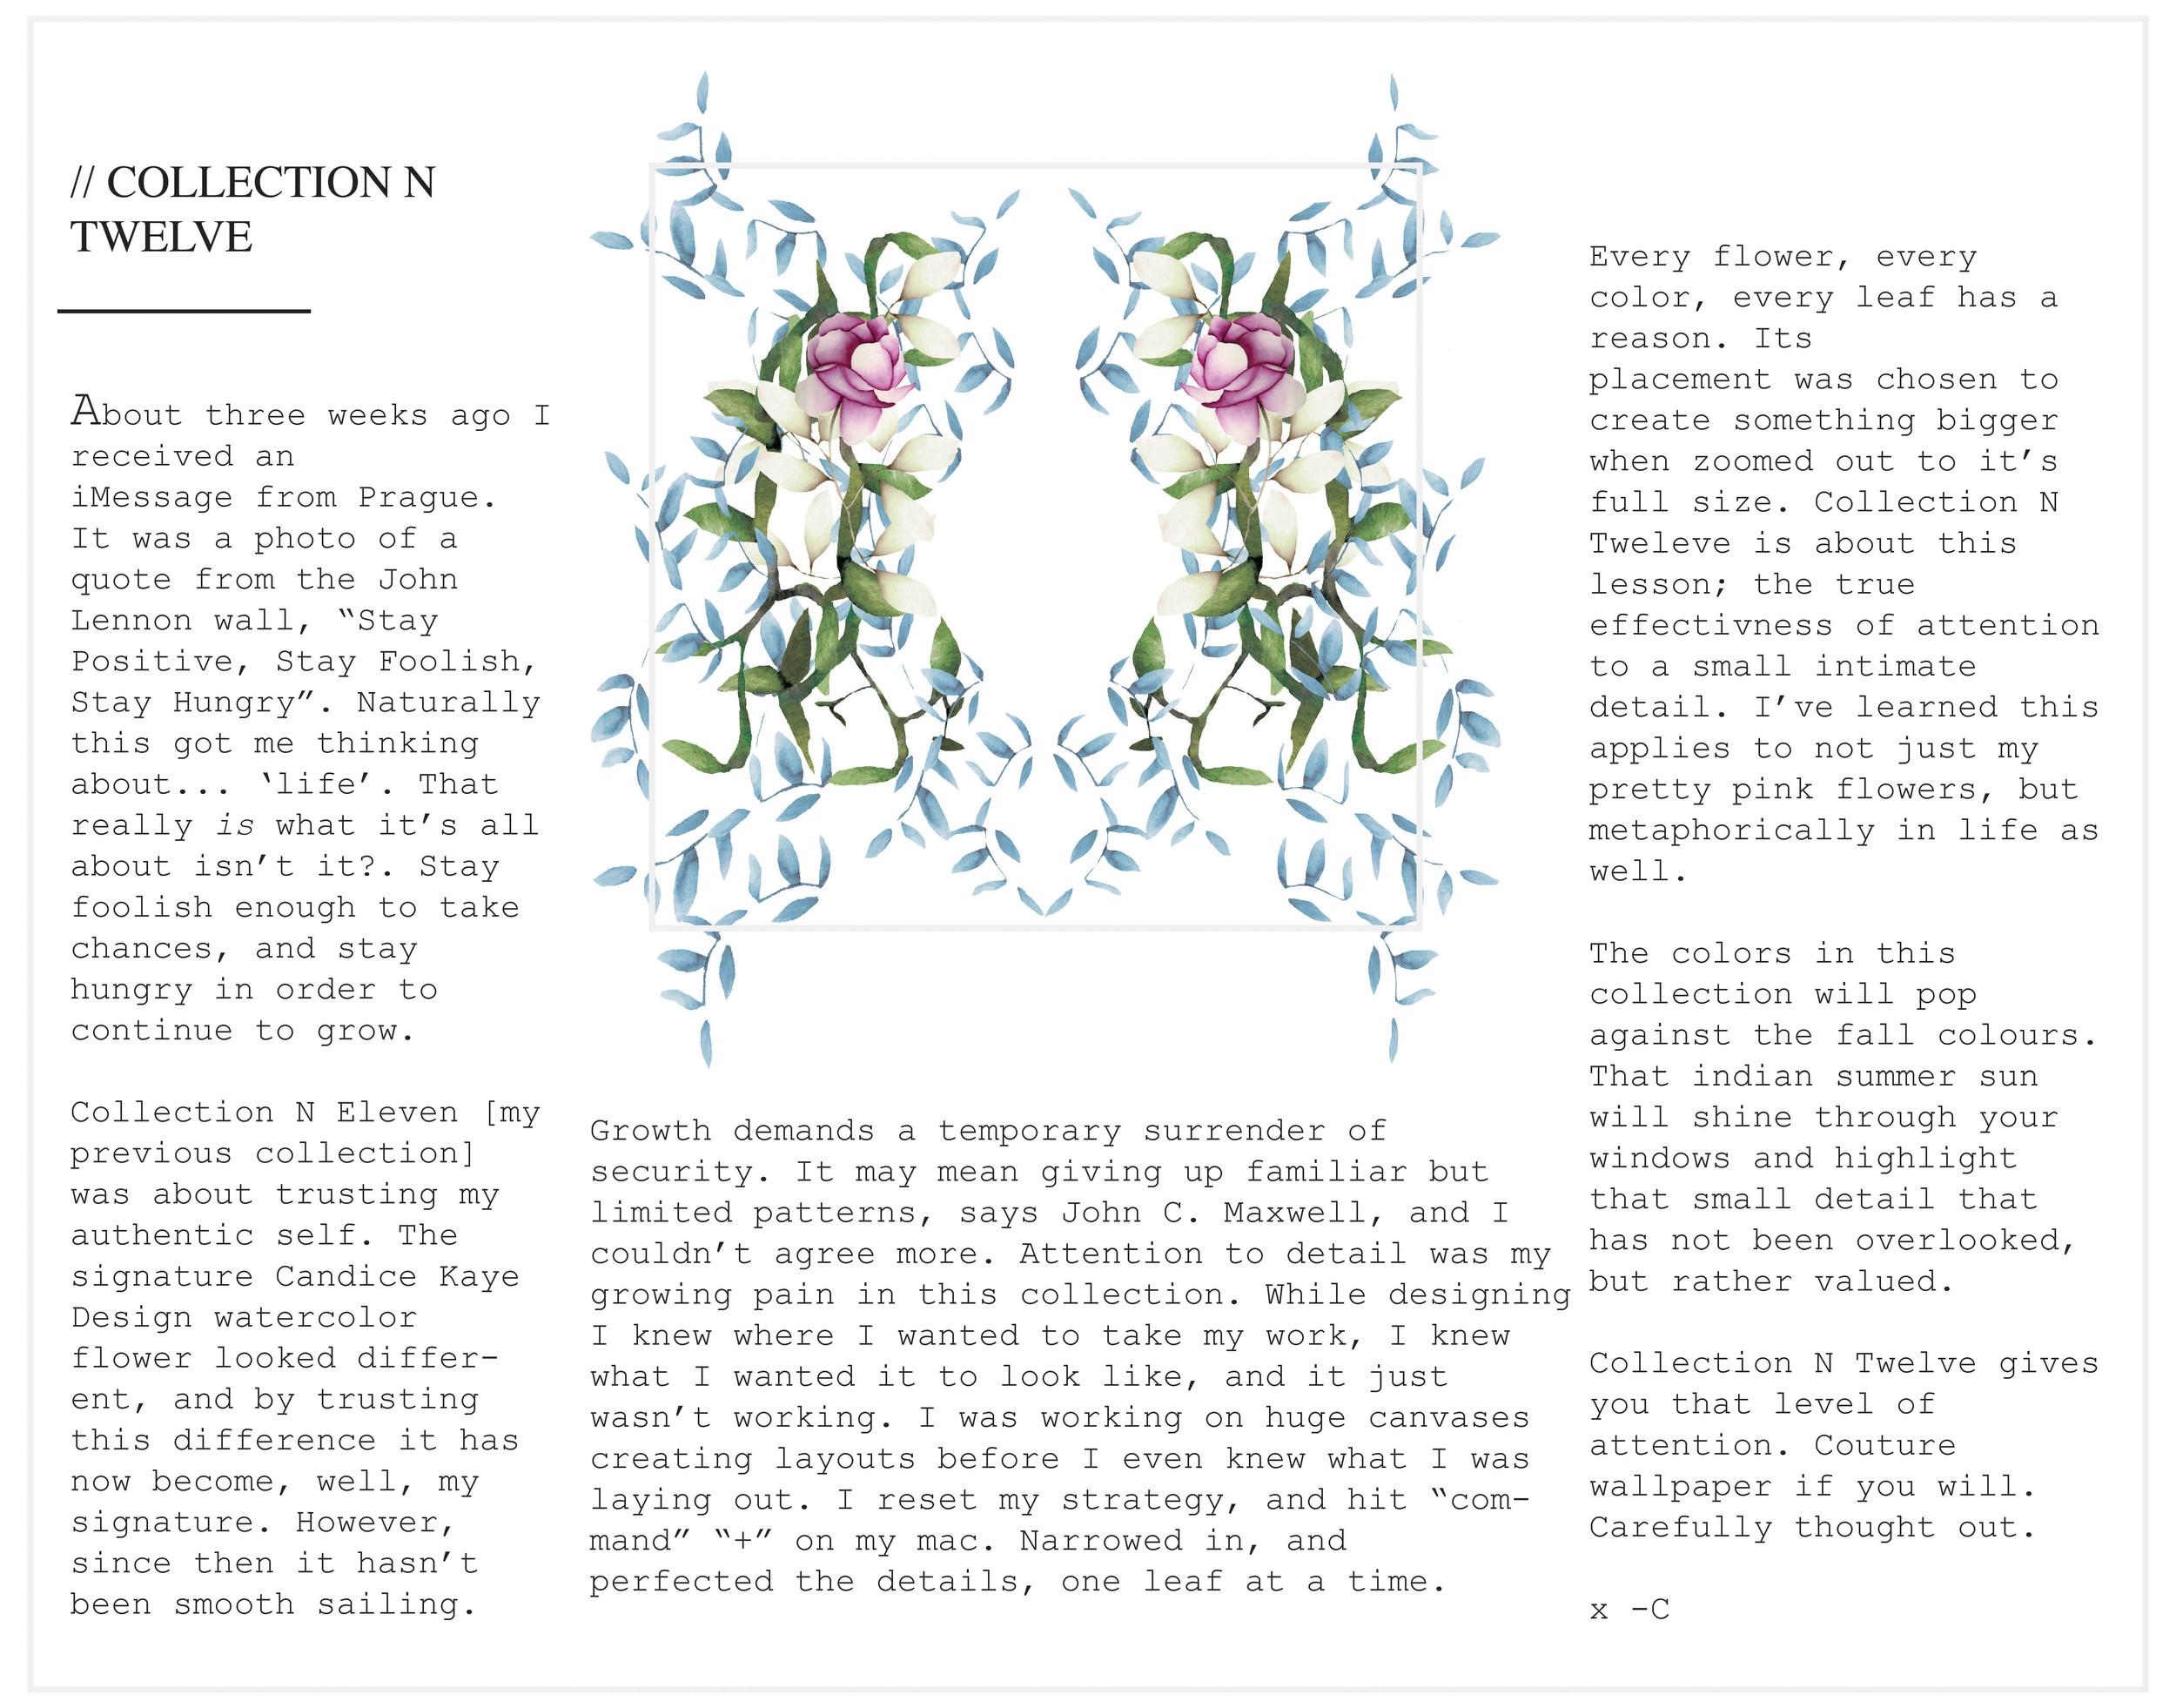 Collection N Twelve.jpg